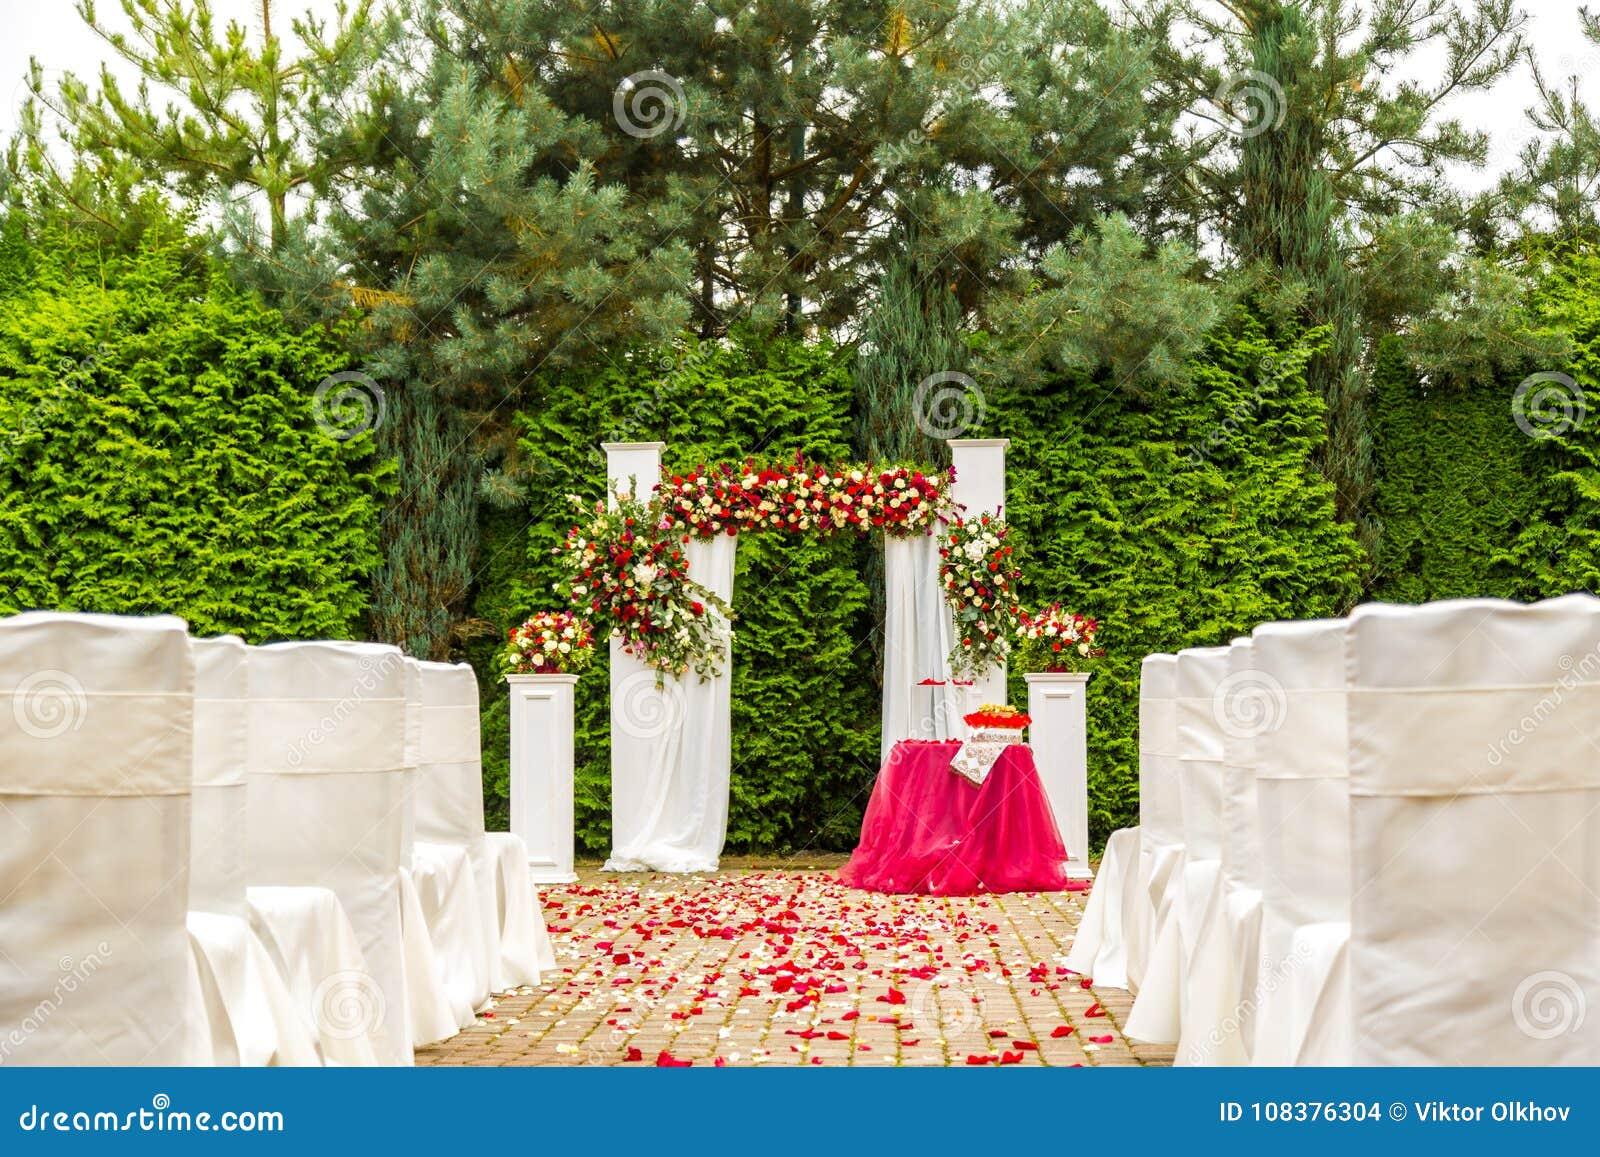 Decoraciones Para La Ceremonia De Boda De Rosas Rojas Y Blancas Foto De Archivo Imagen De Belleza Estacional 108376304